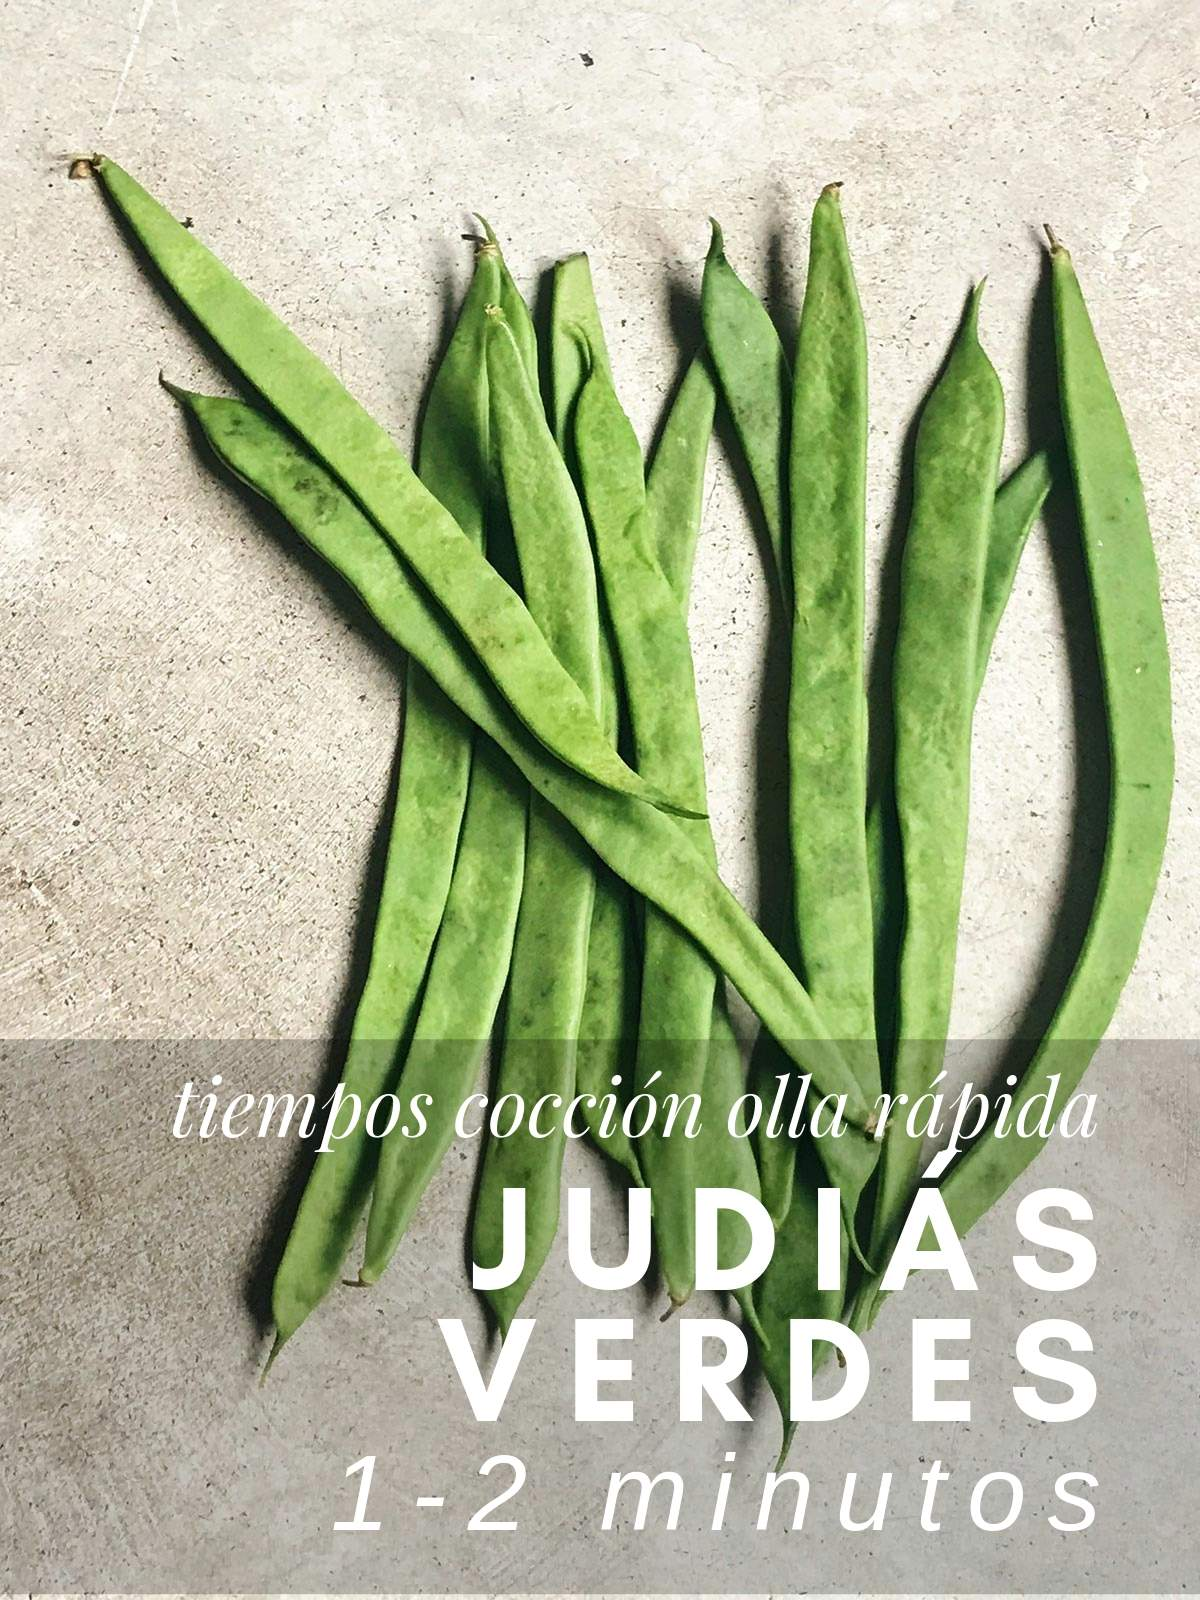 ¿Cuanto tardan las judias verdes en cocer en olla rápida?